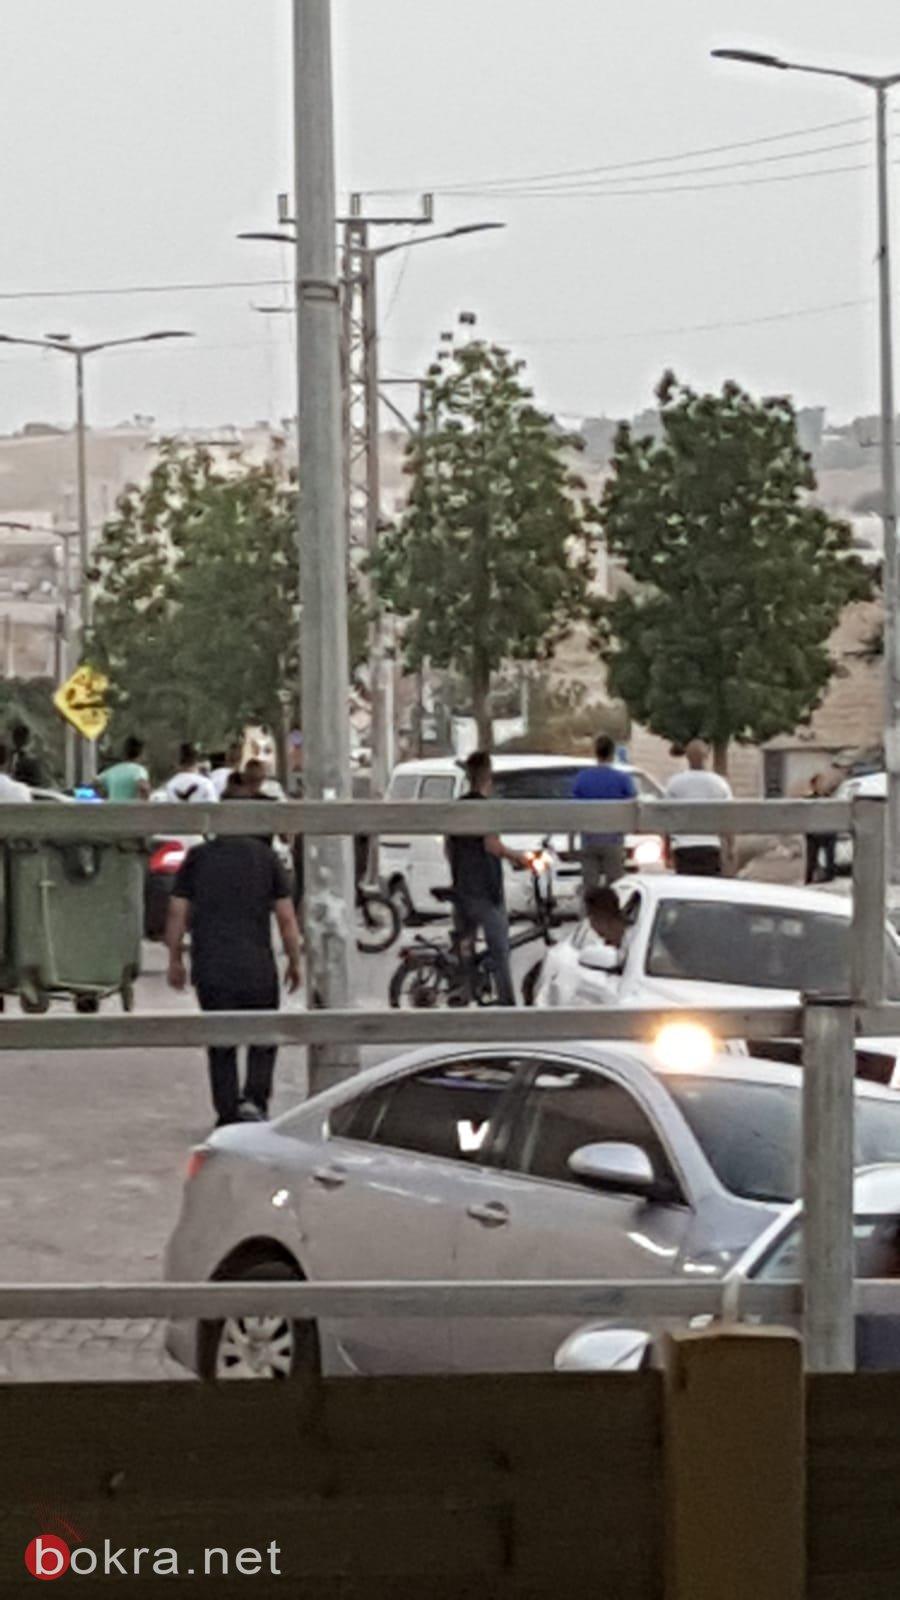 شباب رهط يرفضون استفزاز الشرطة، ومواجهات بين الشبان والشرطة